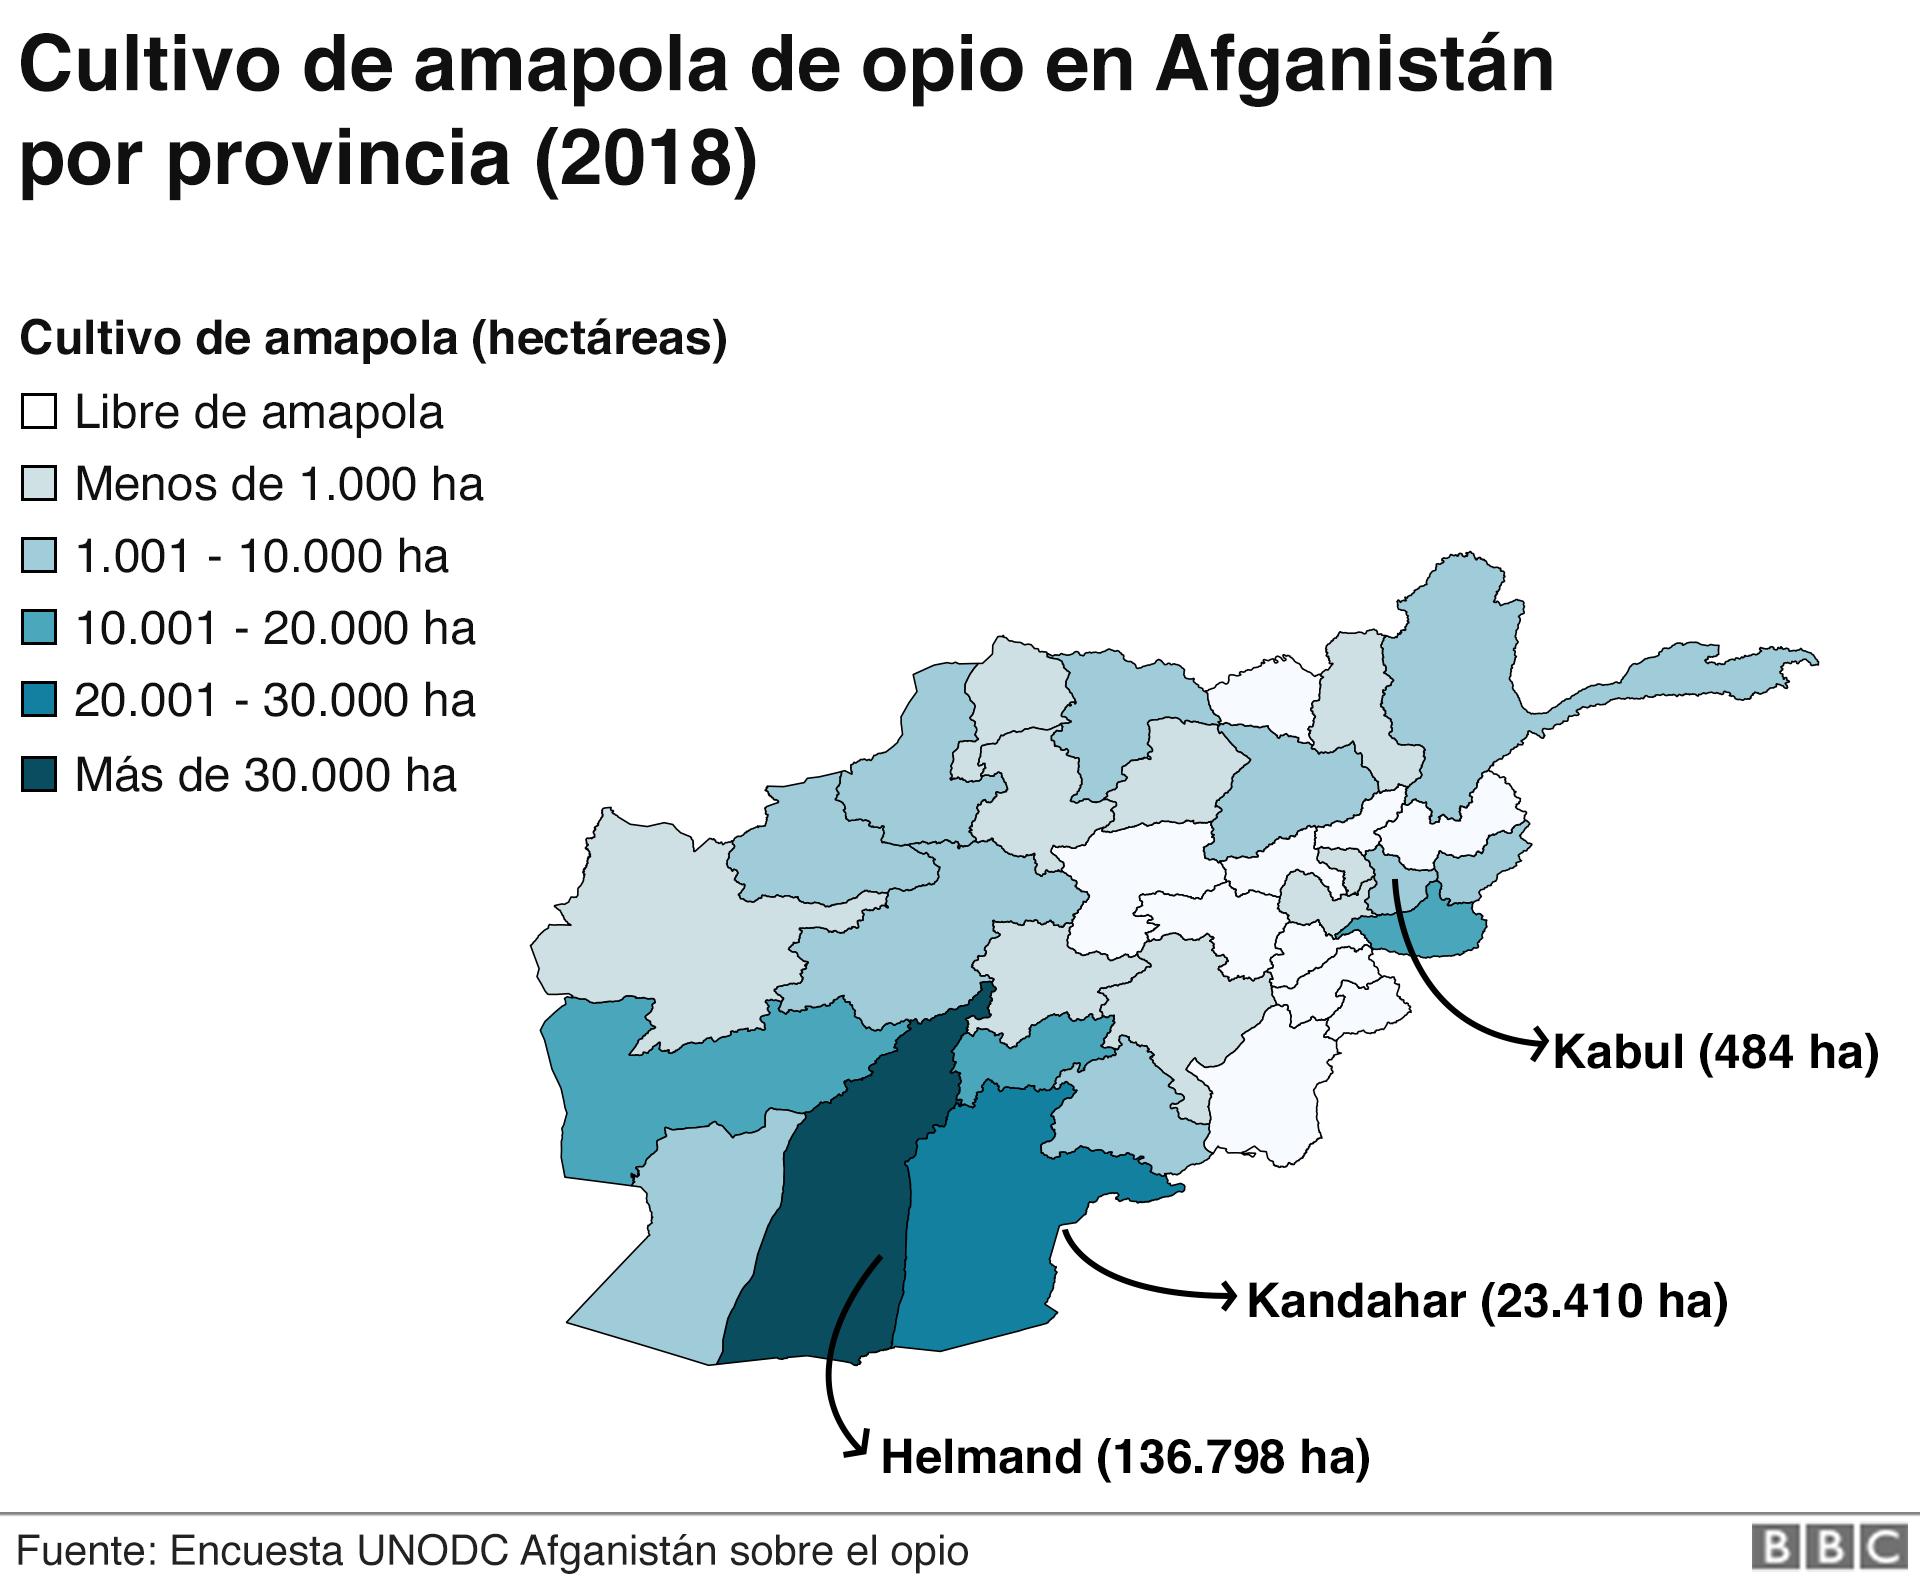 El mapa muestra las áreas de Afganistán donde se cultiva la mayor cantidad de amapola de opio.